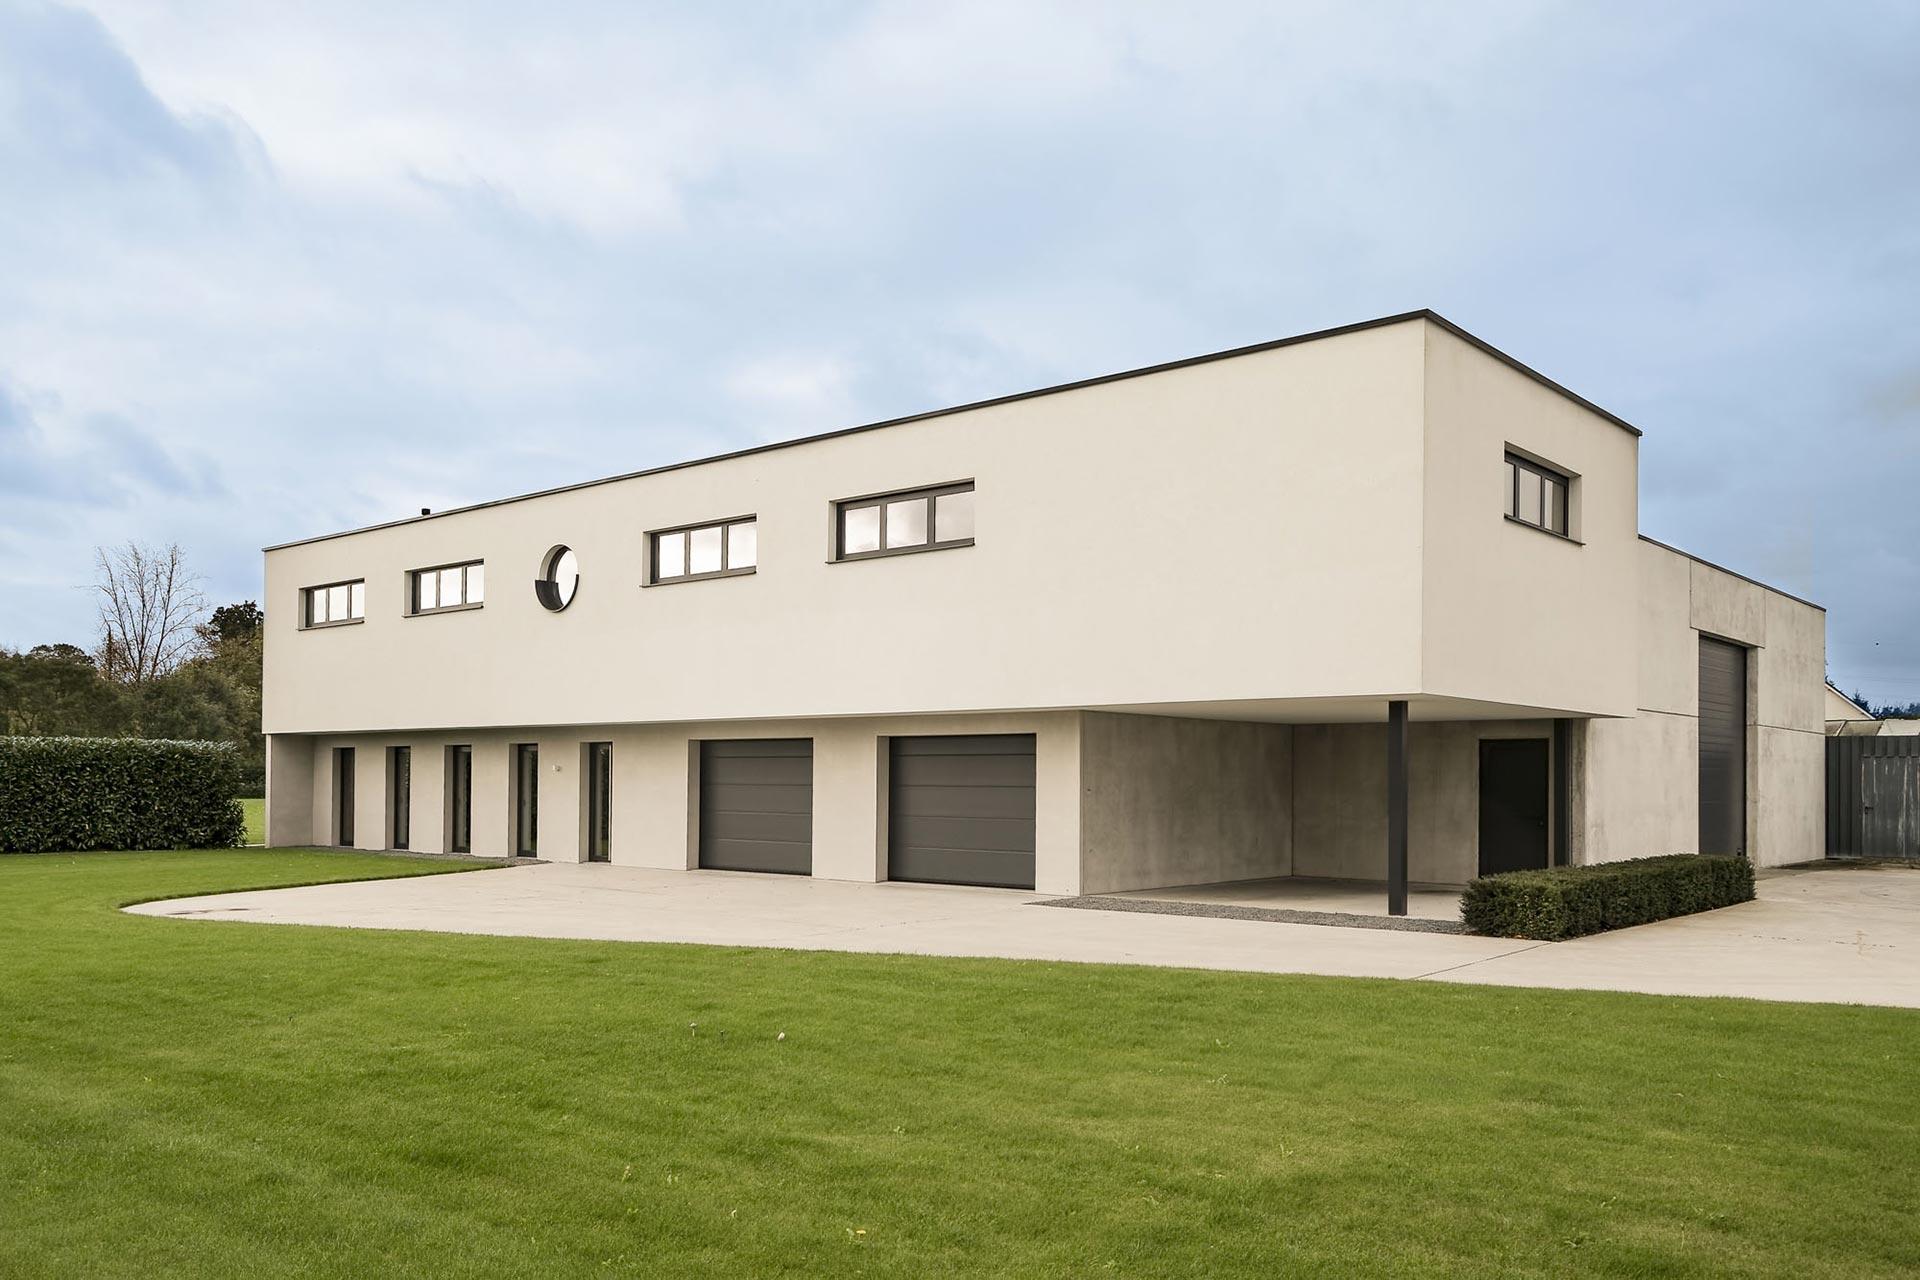 Moderne open bebouwing met magazijn - Ketswoningbouw